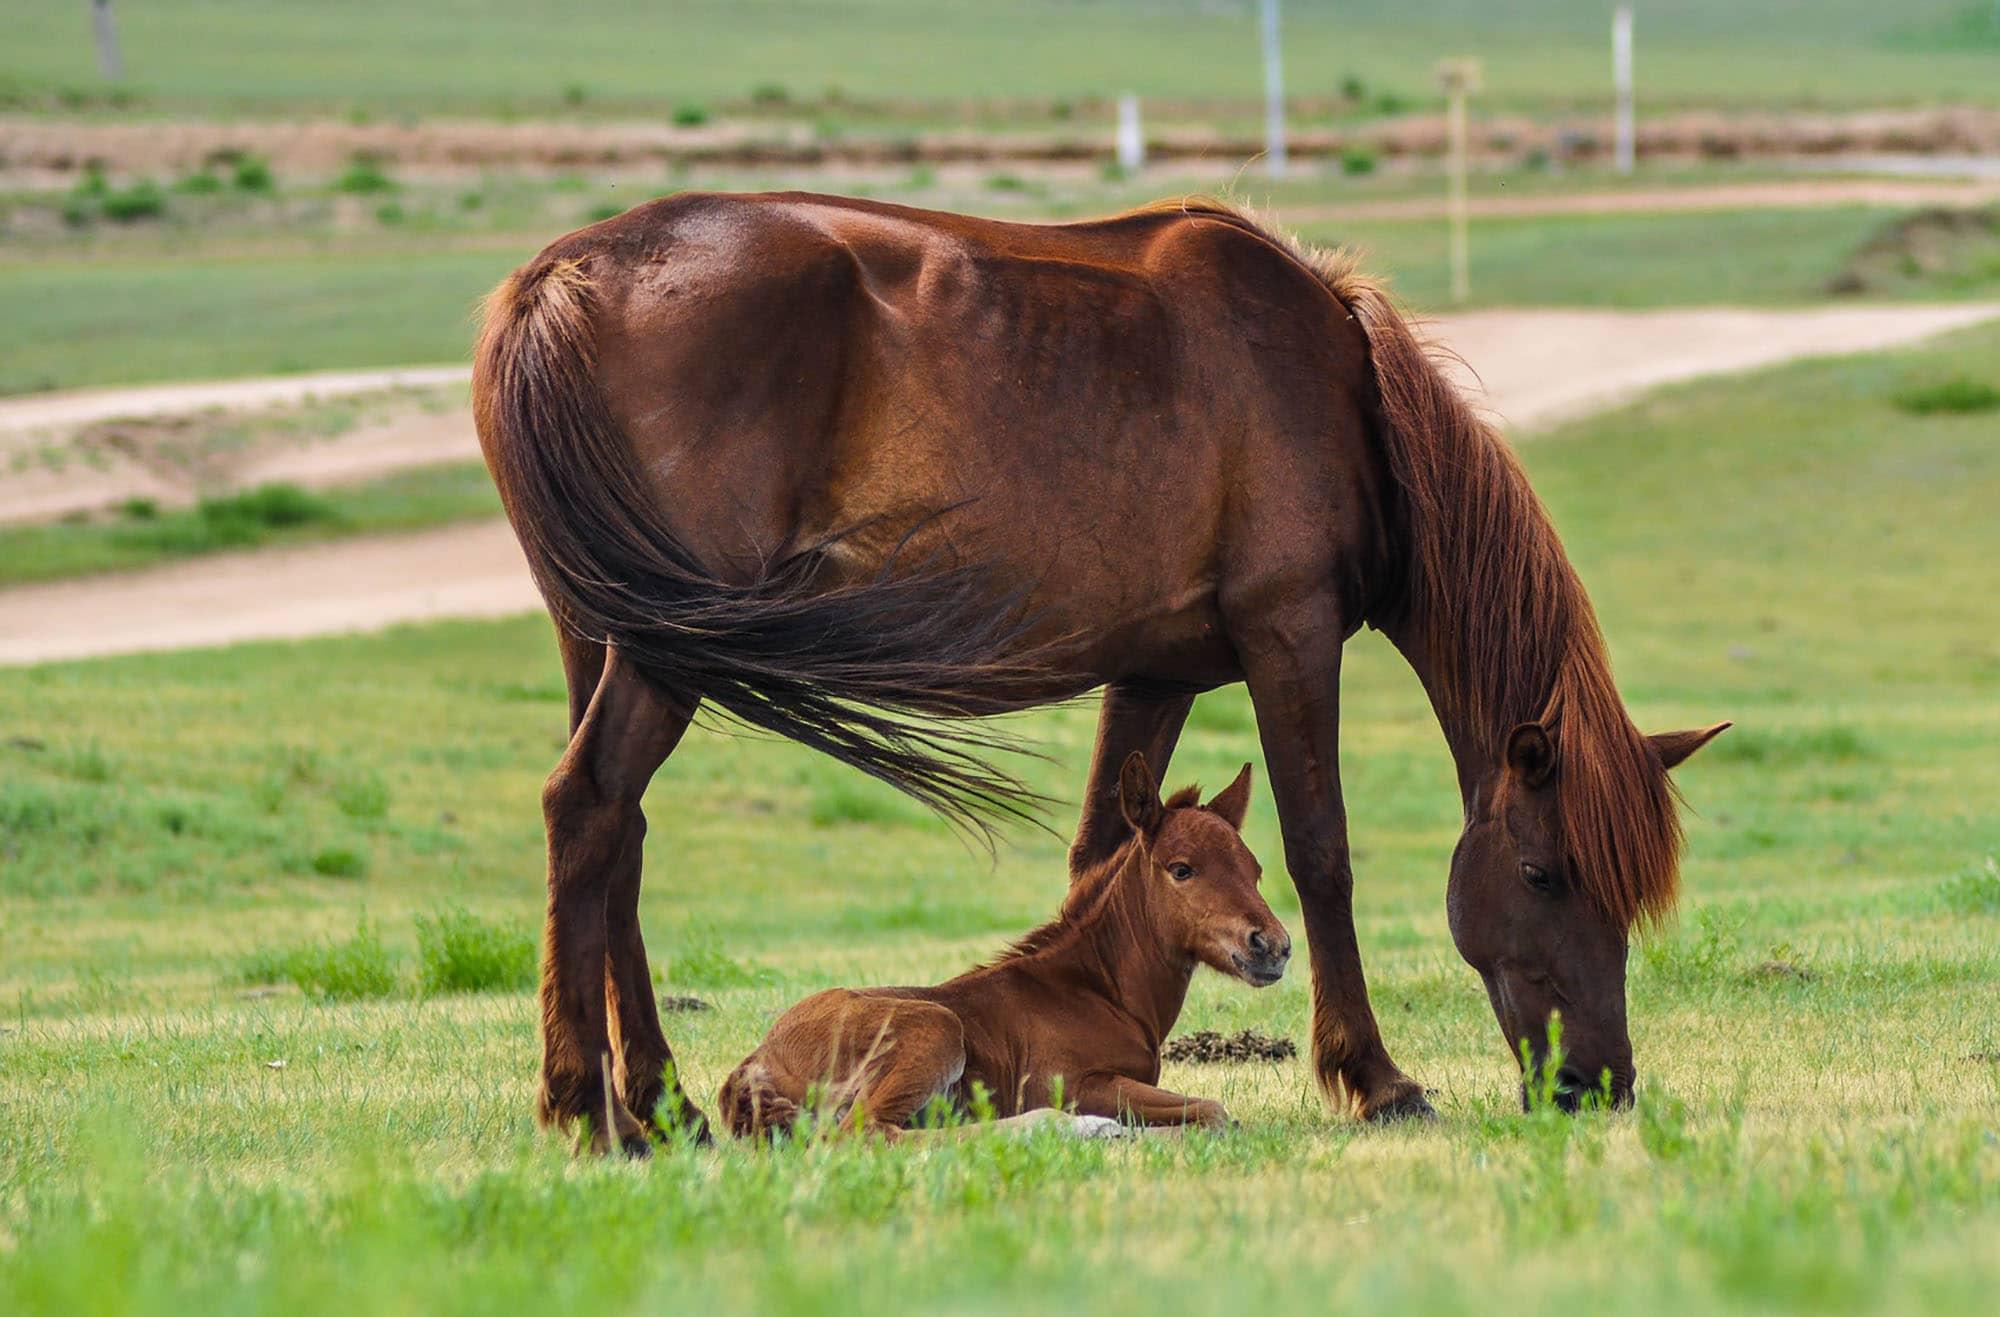 Hest med føll. Foto: Pixabay